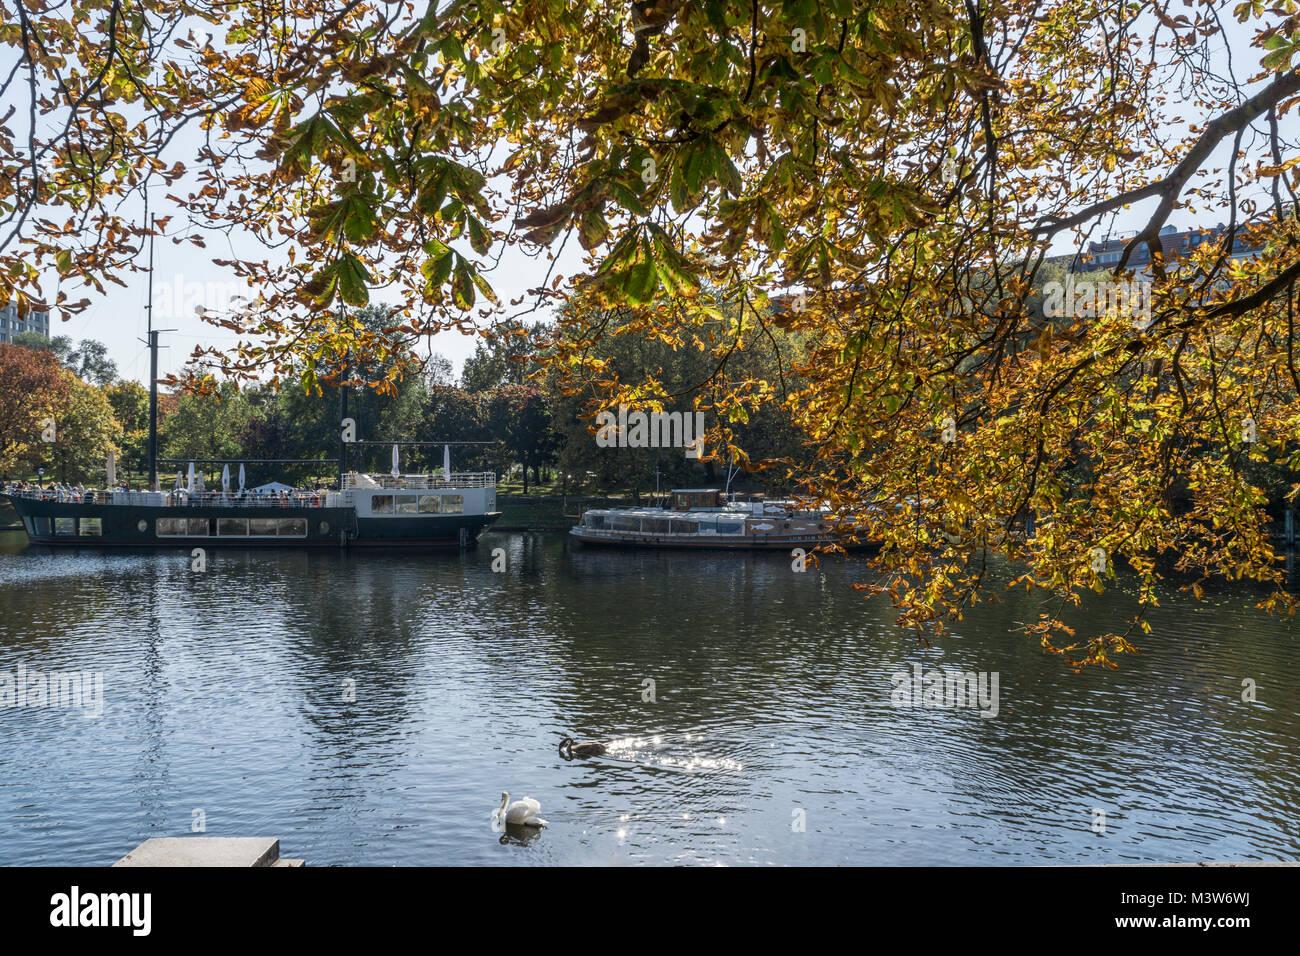 Urbahnhafen, Restaurantboot, Herbst, Kreuzberg, Berlin | Urbahnhafen, Restaurant Schiff, Herbst, Kreuzberg, Berlin Stockbild